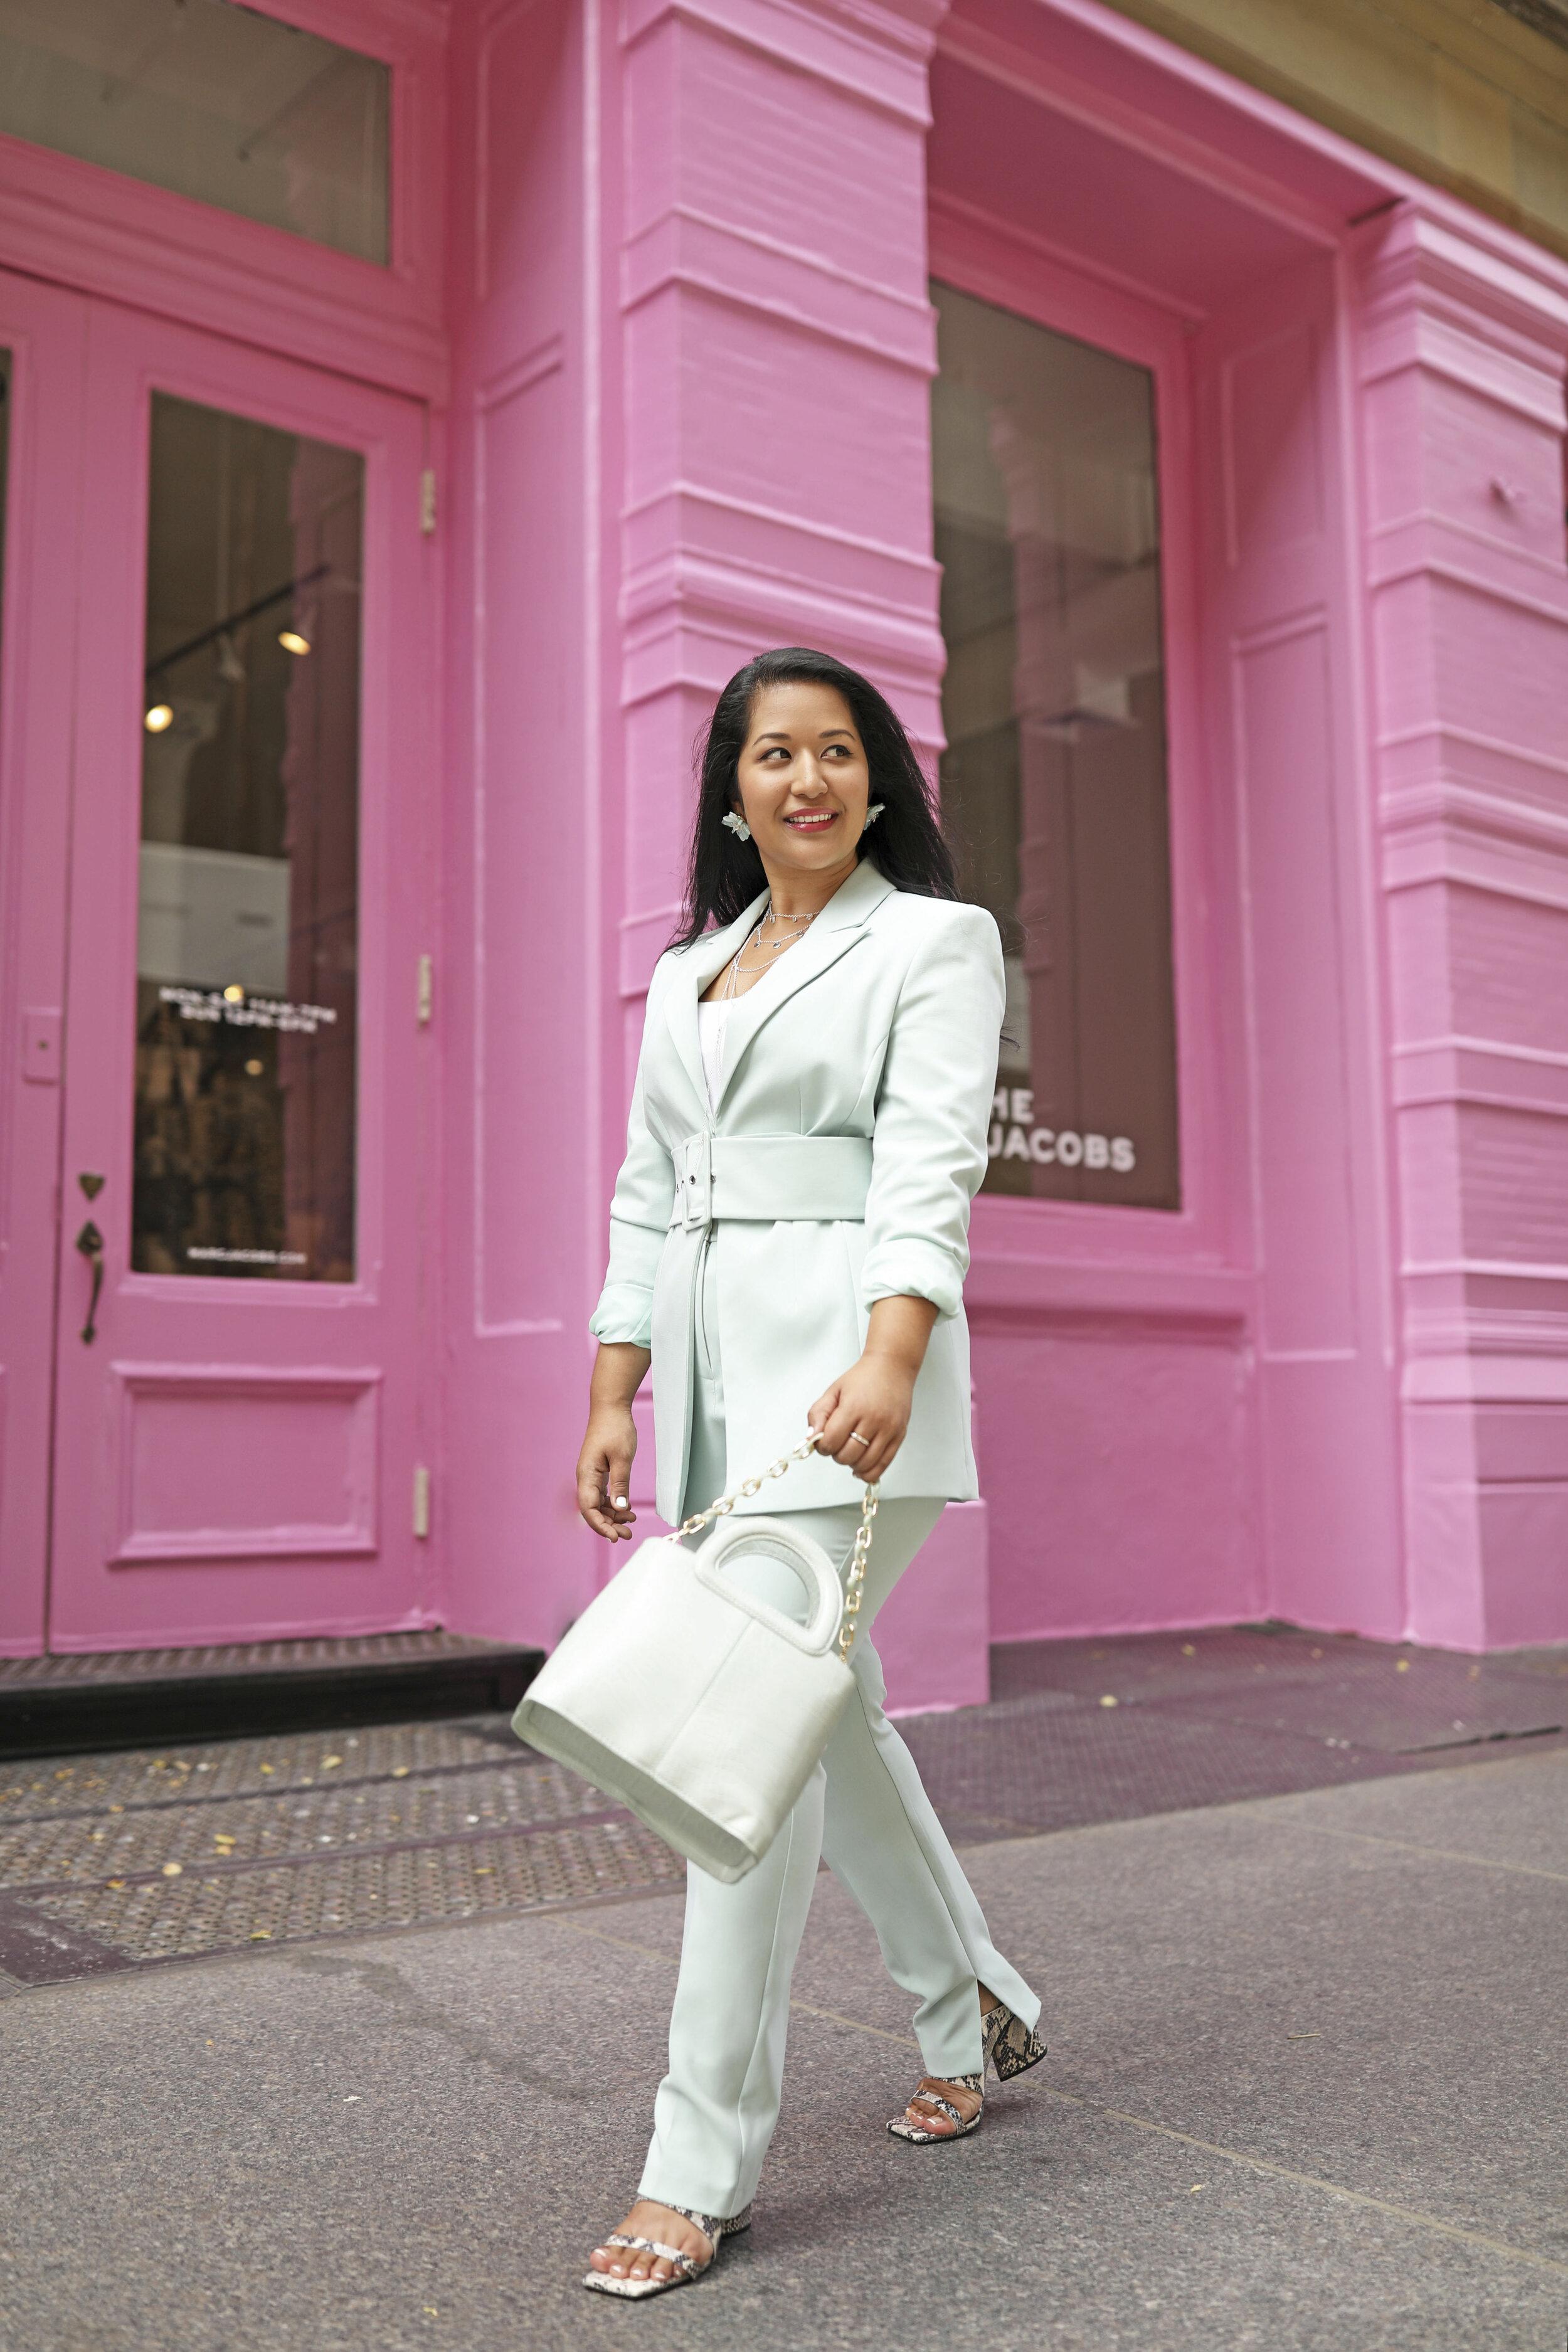 Mint color pant suit and bag